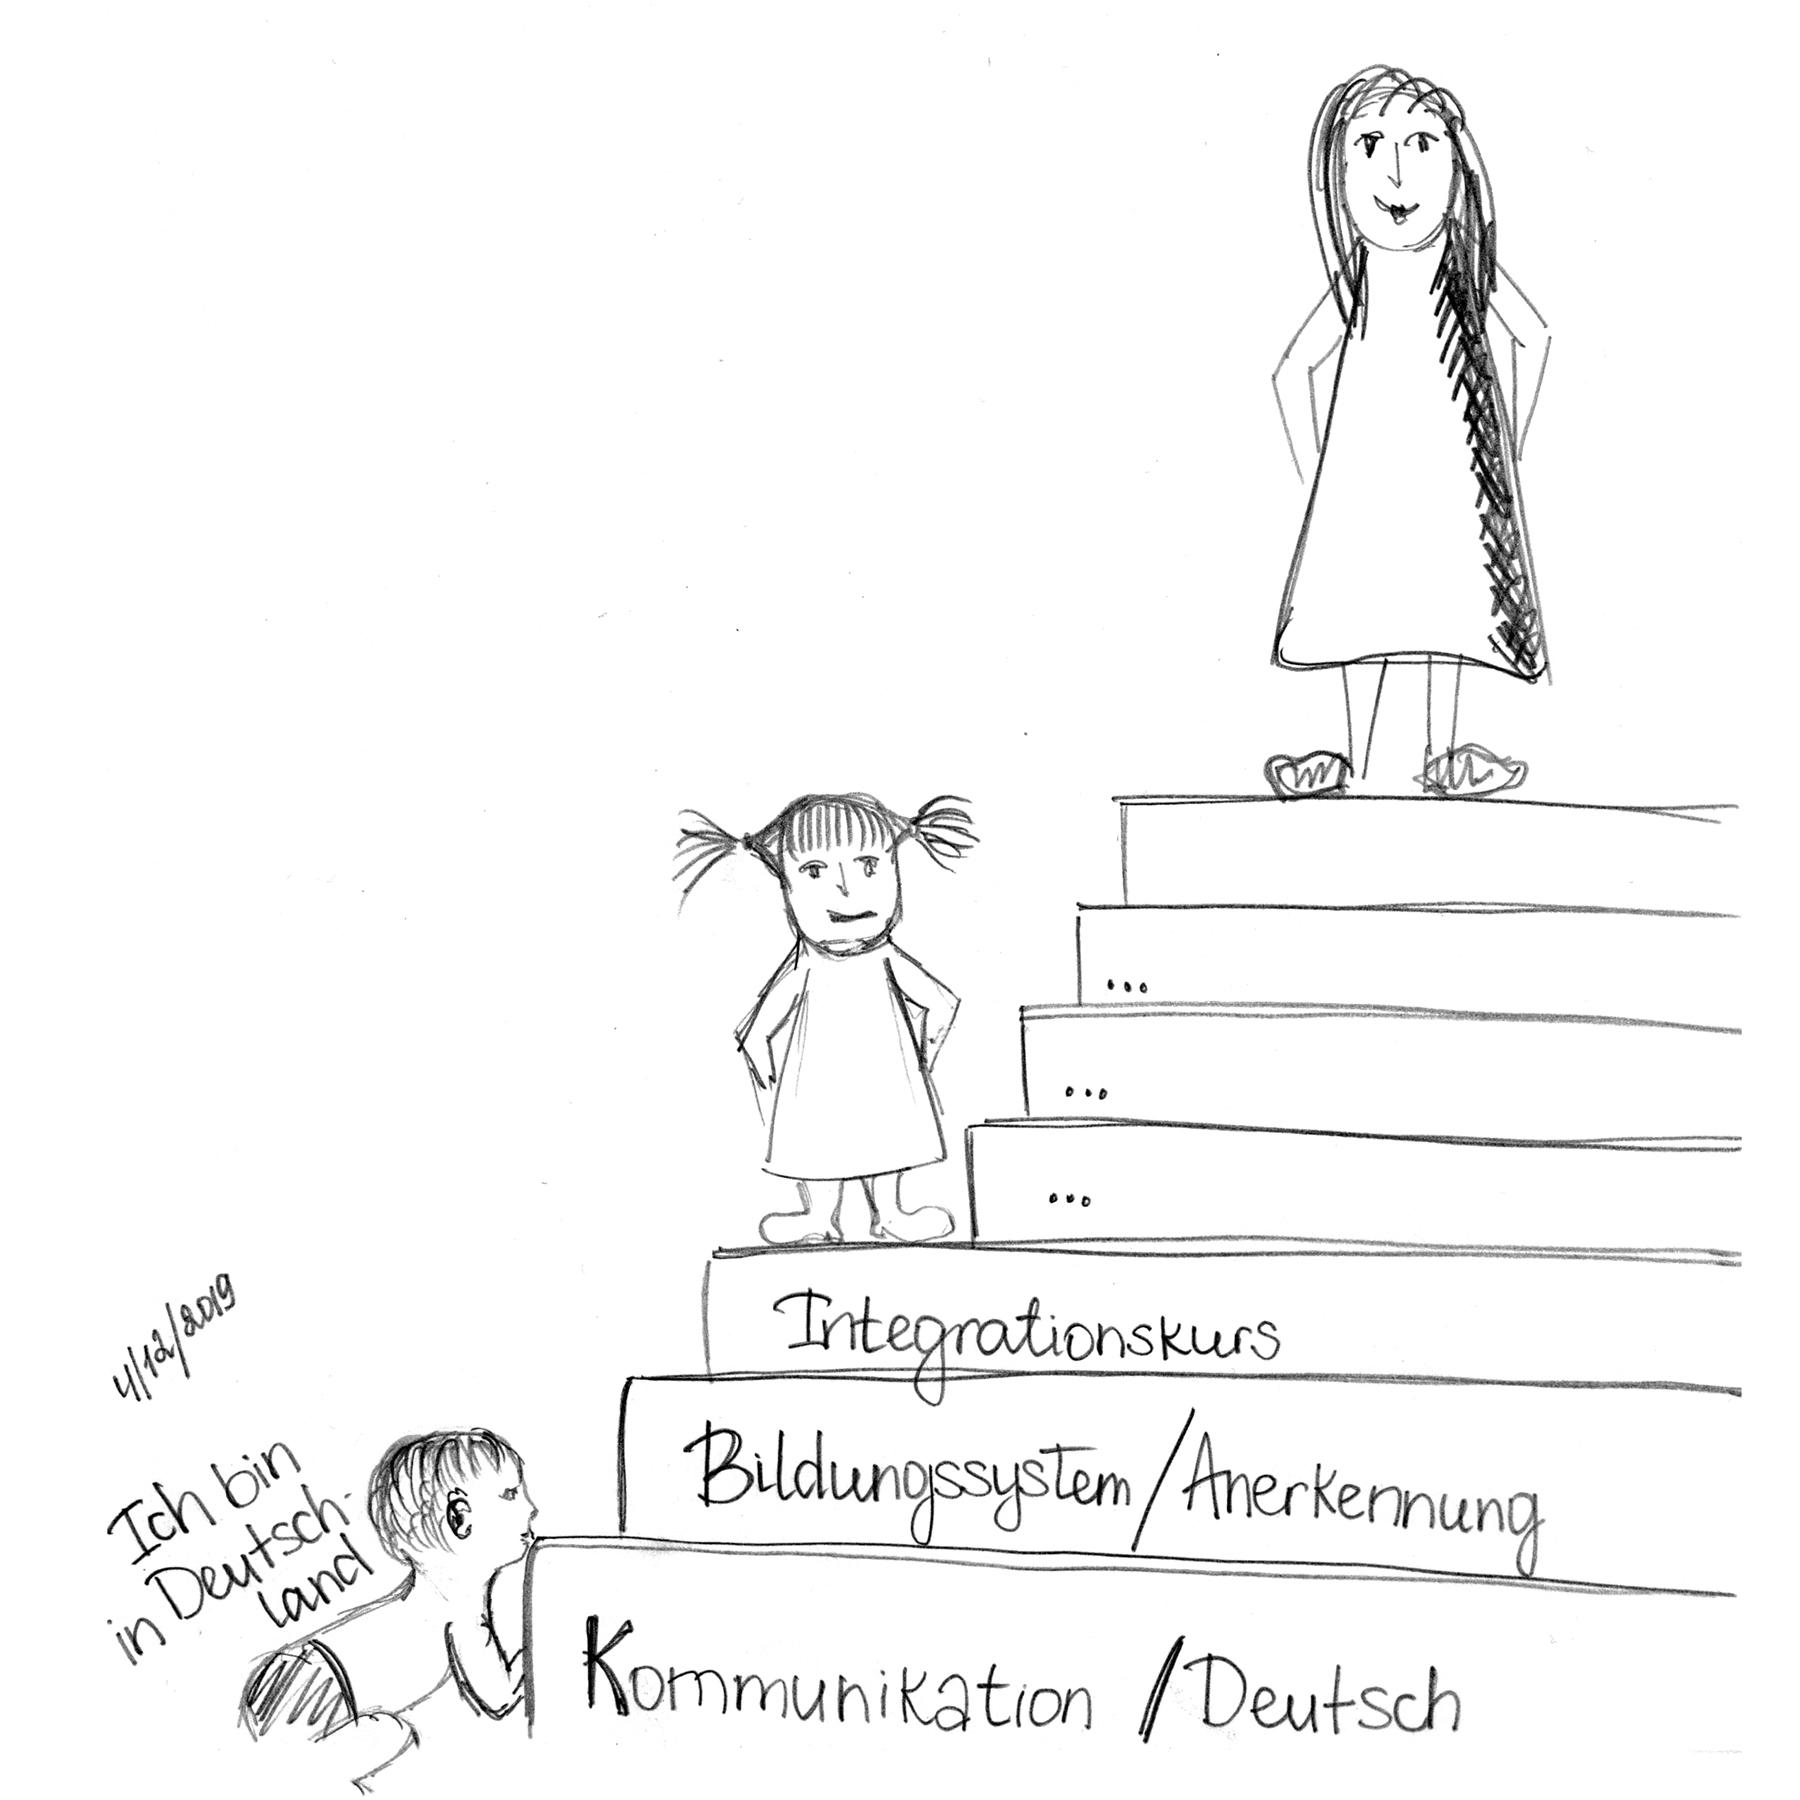 Schaffen_Dezim_19_03_q